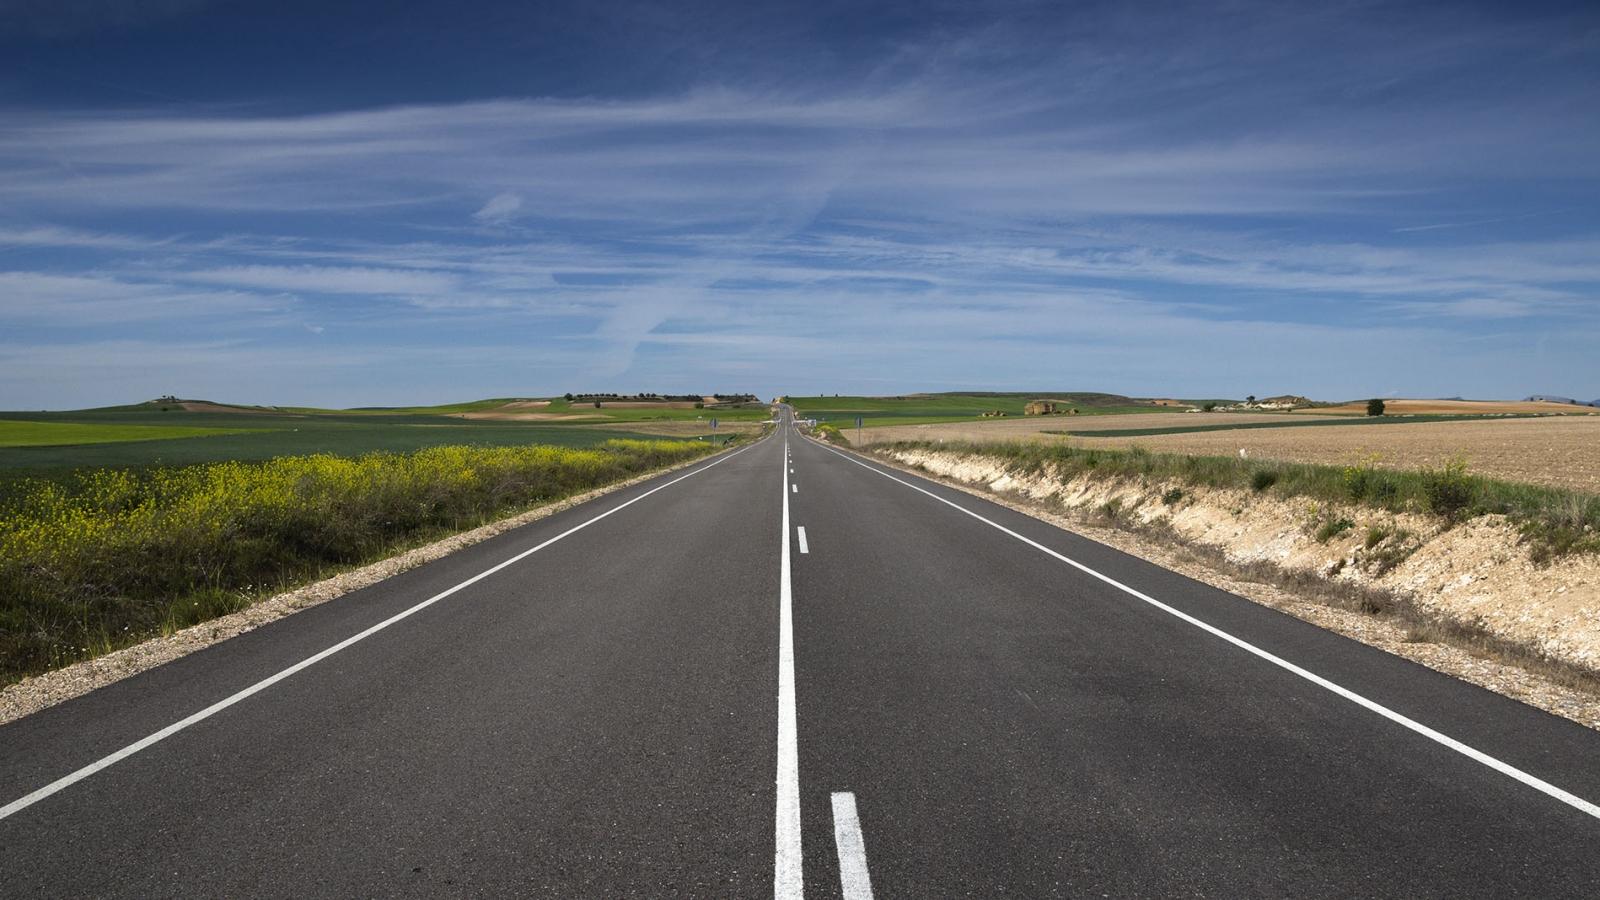 Vista panorámica de una pista - 1600x900